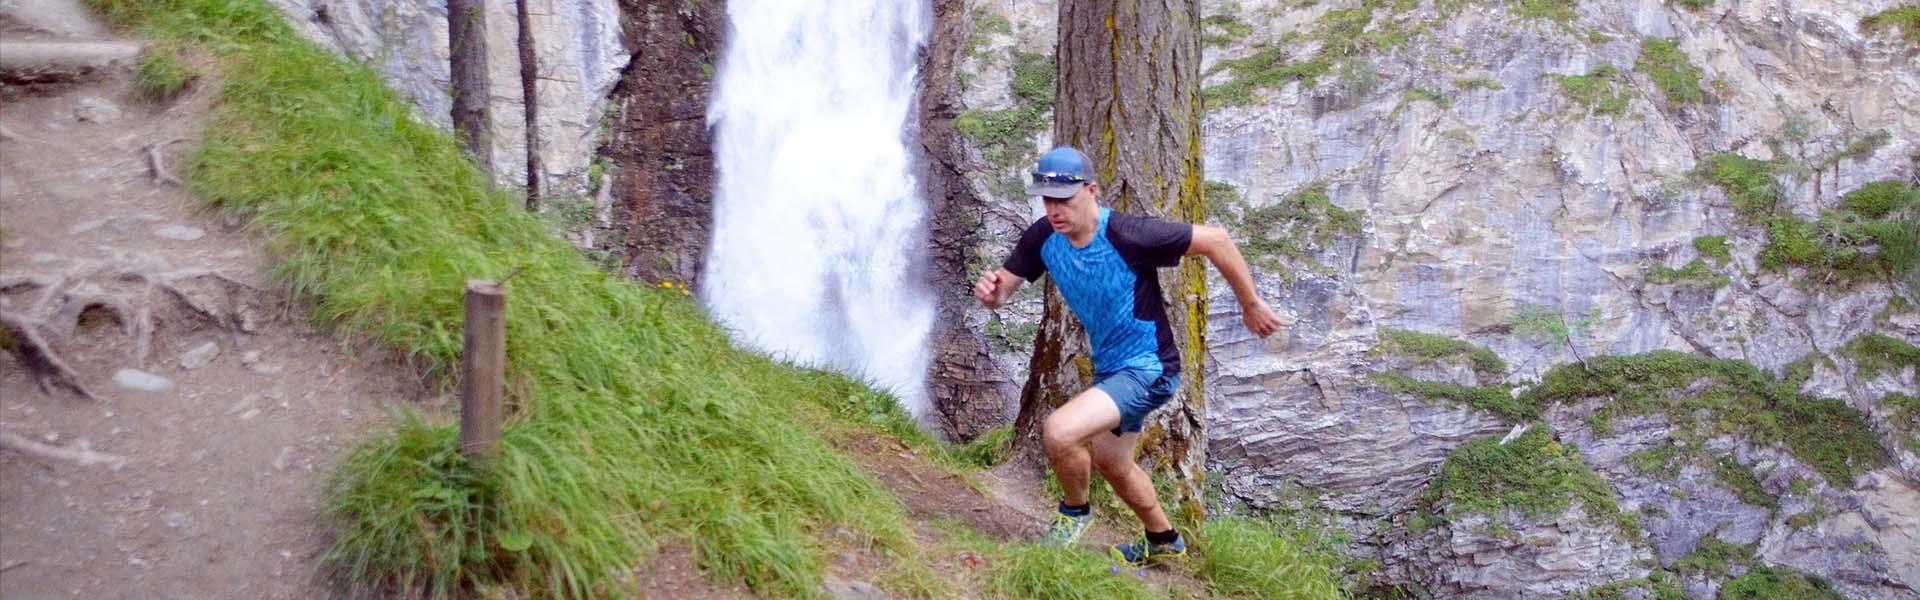 Emelkedőn futás technikája